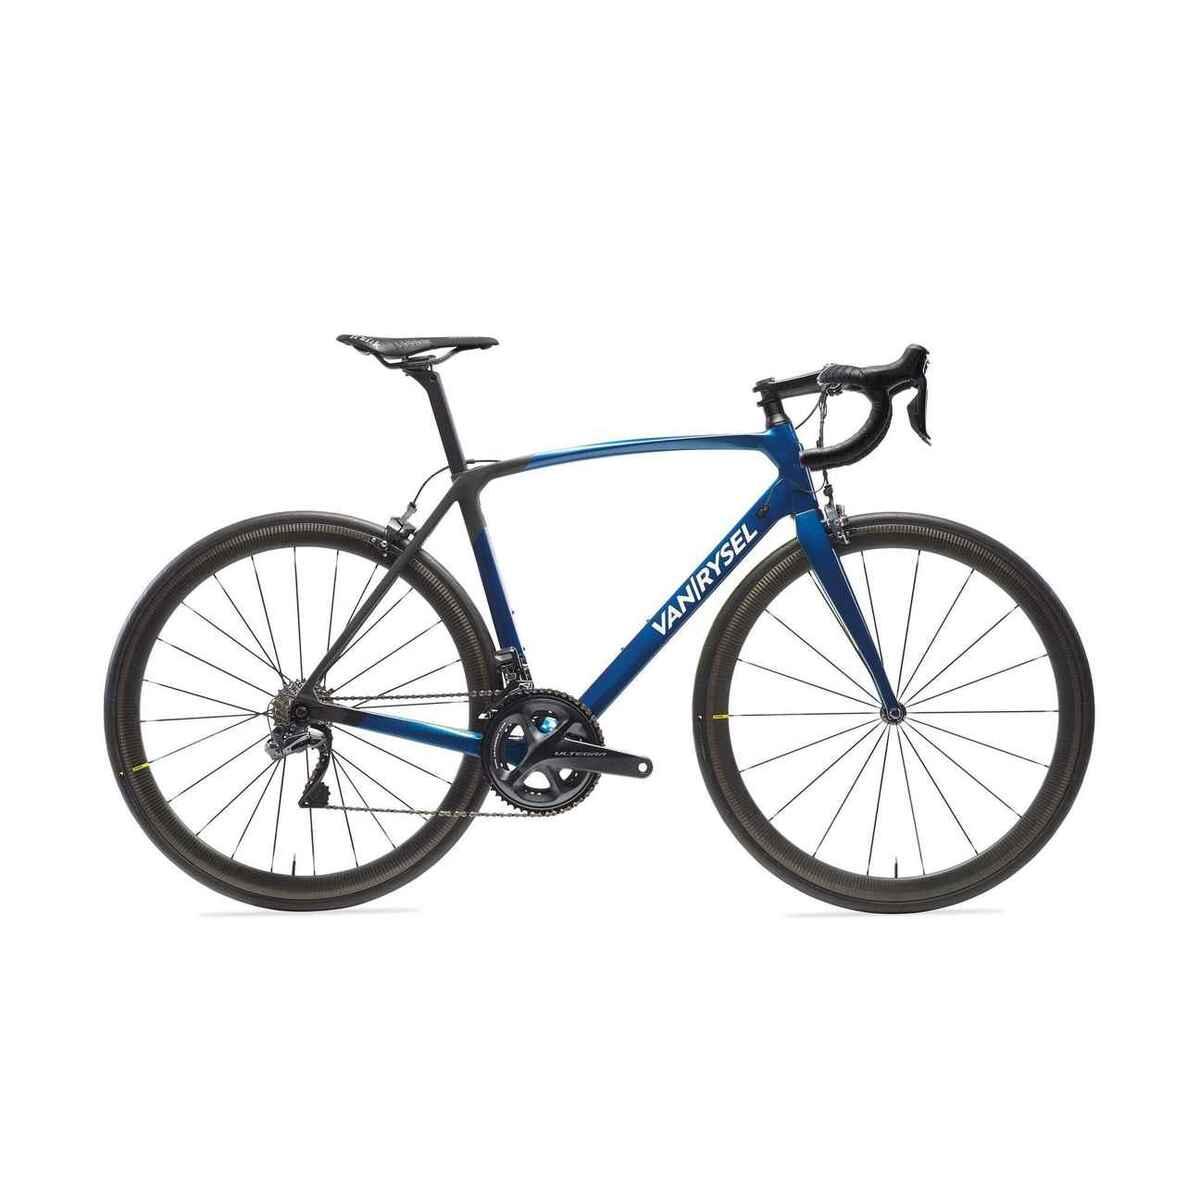 Bild 1 von Rennrad Ultra 940 CF Ultegra Di2 blau